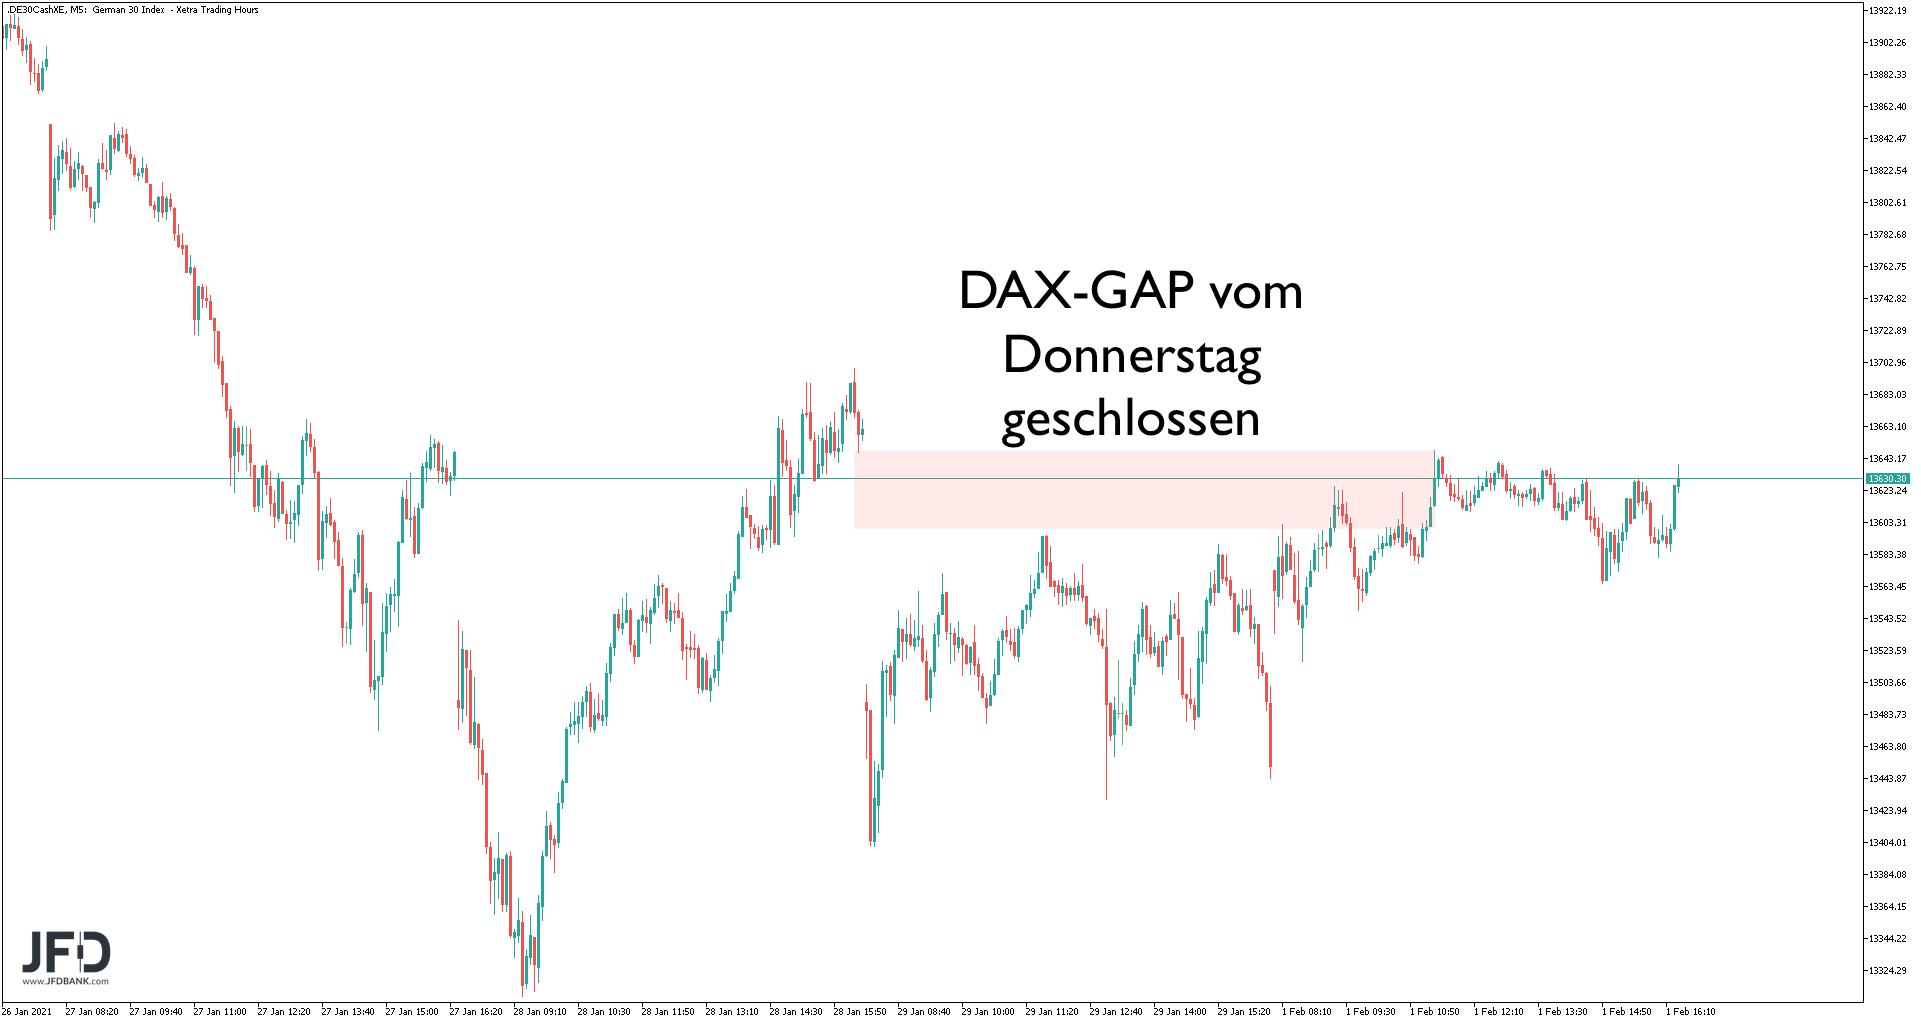 DAX-GAP zu Donnerstag geschlossen